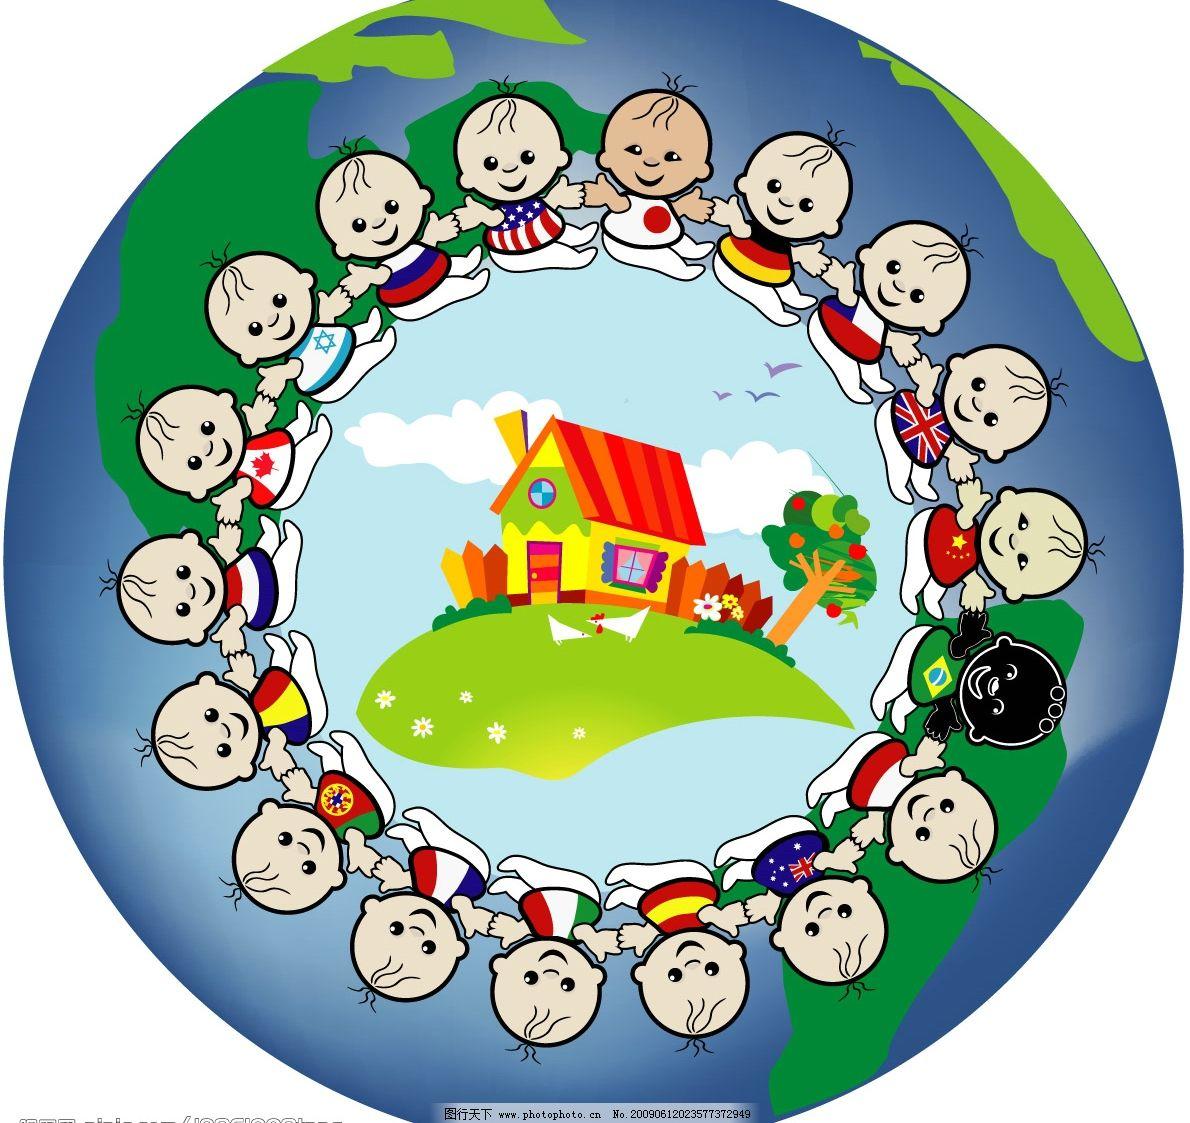 白人小孩 可爱小孩 婴儿 小孩手拉手 手拉手围绕地球 房屋 可爱卡通屋